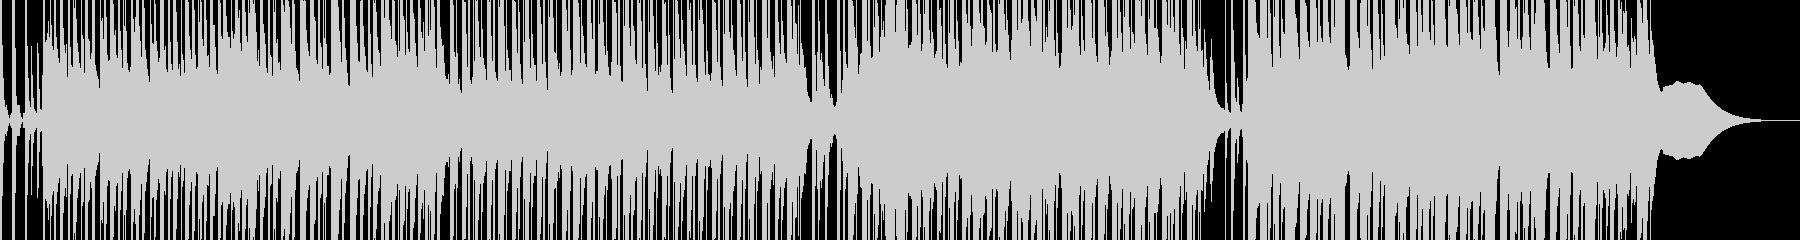 軽快ではずみのあるエレクトロBGMの未再生の波形